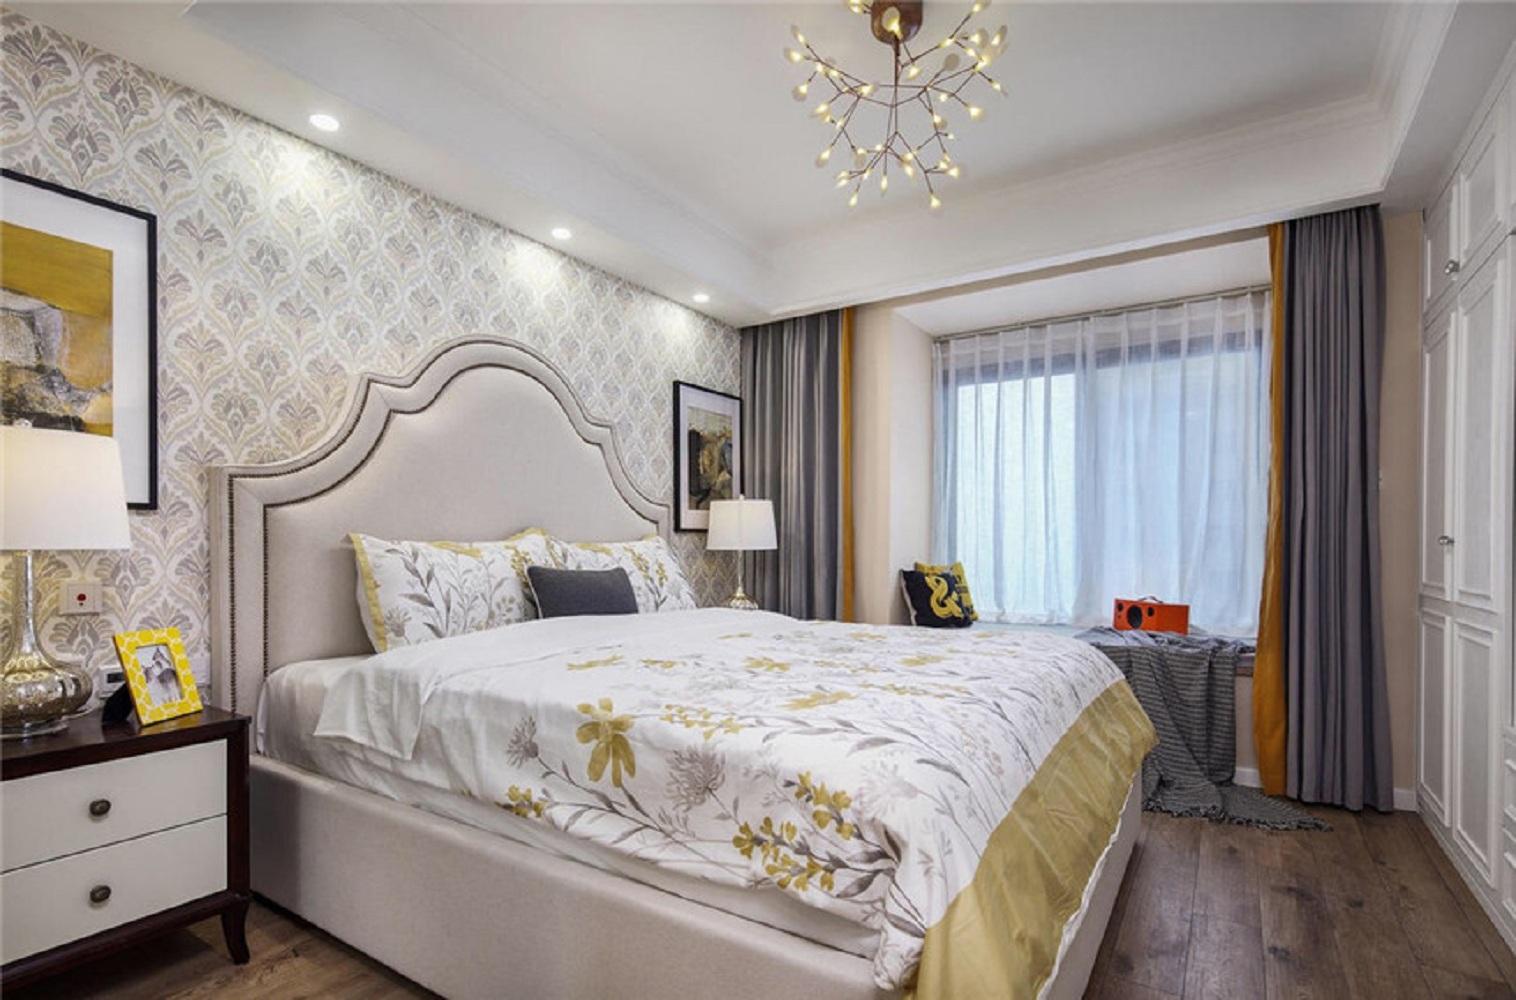 100㎡美式风格装修卧室效果图